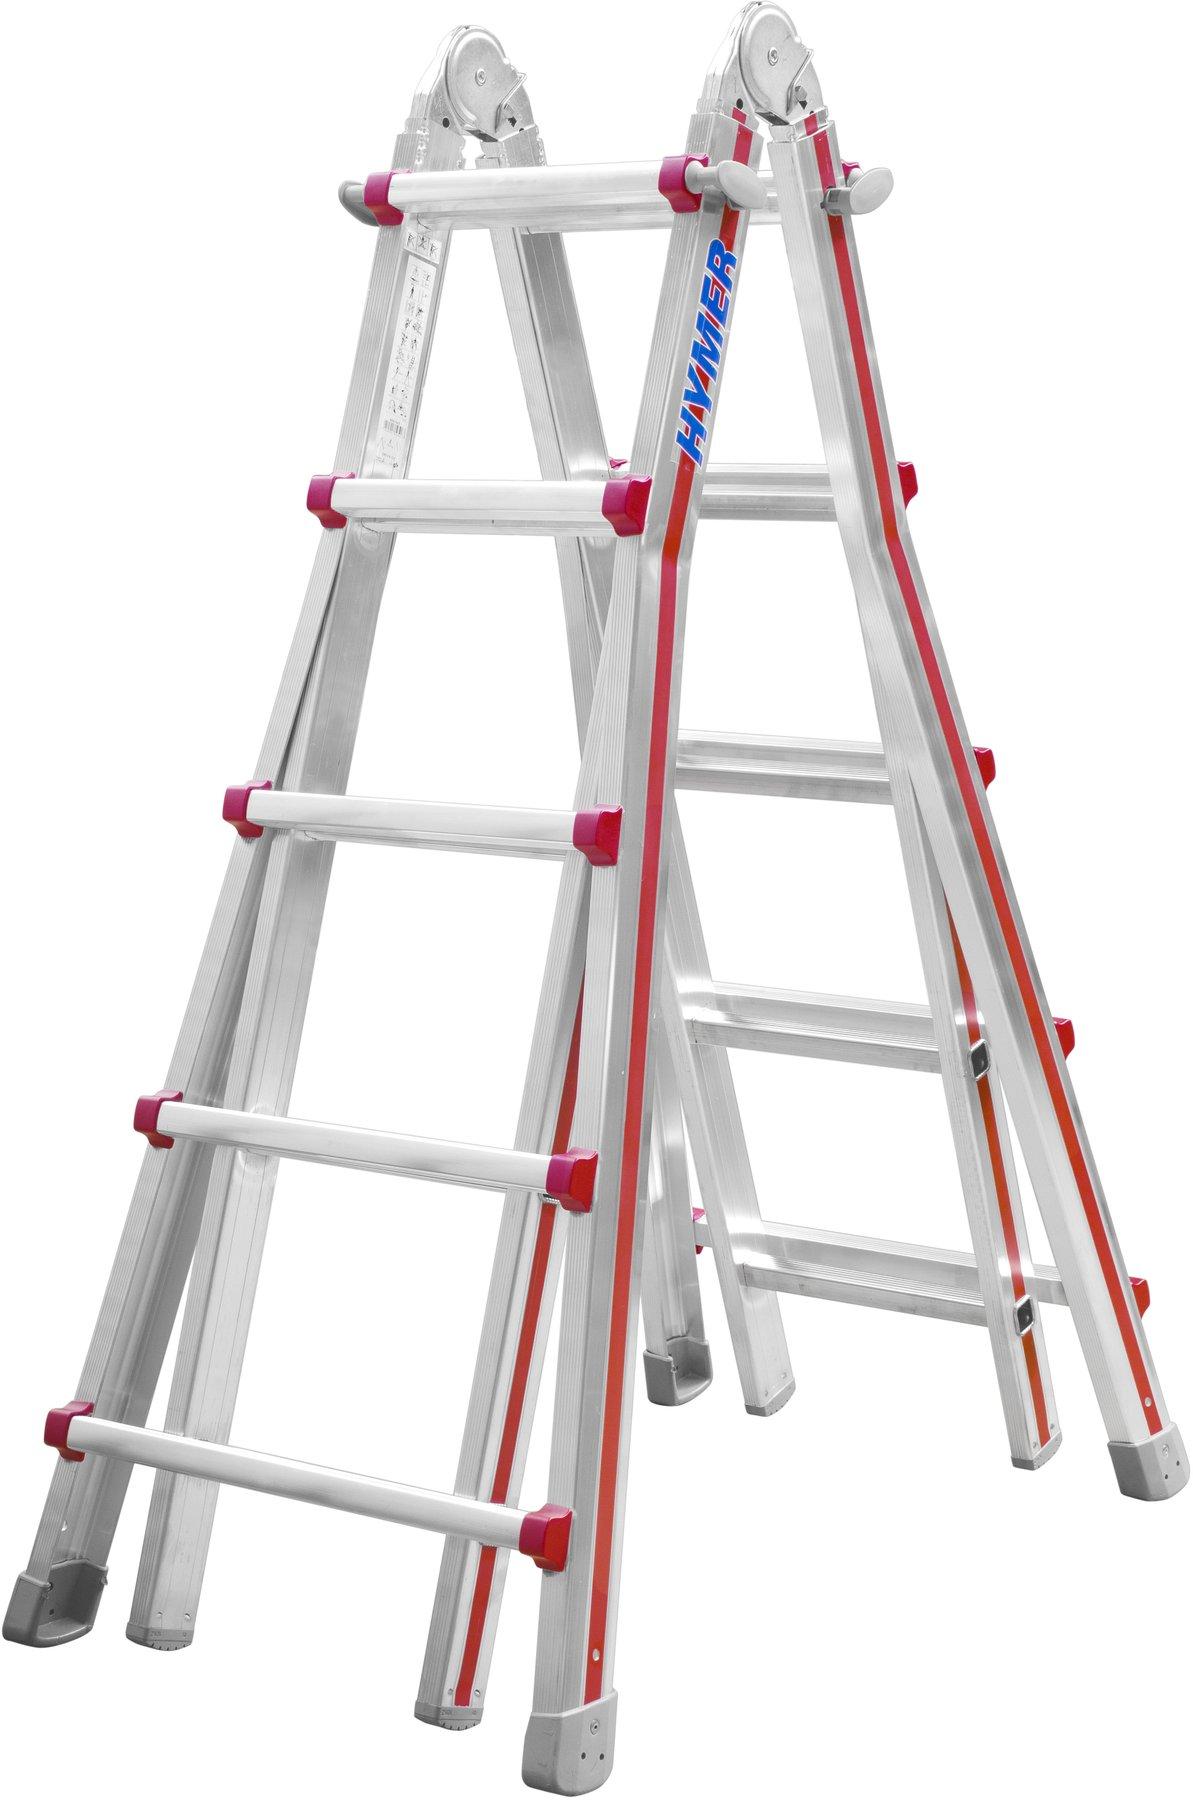 Turbo Hymer Teleskop-Leiter Telestep 4042 4x5 günstig online bestellen ZX47